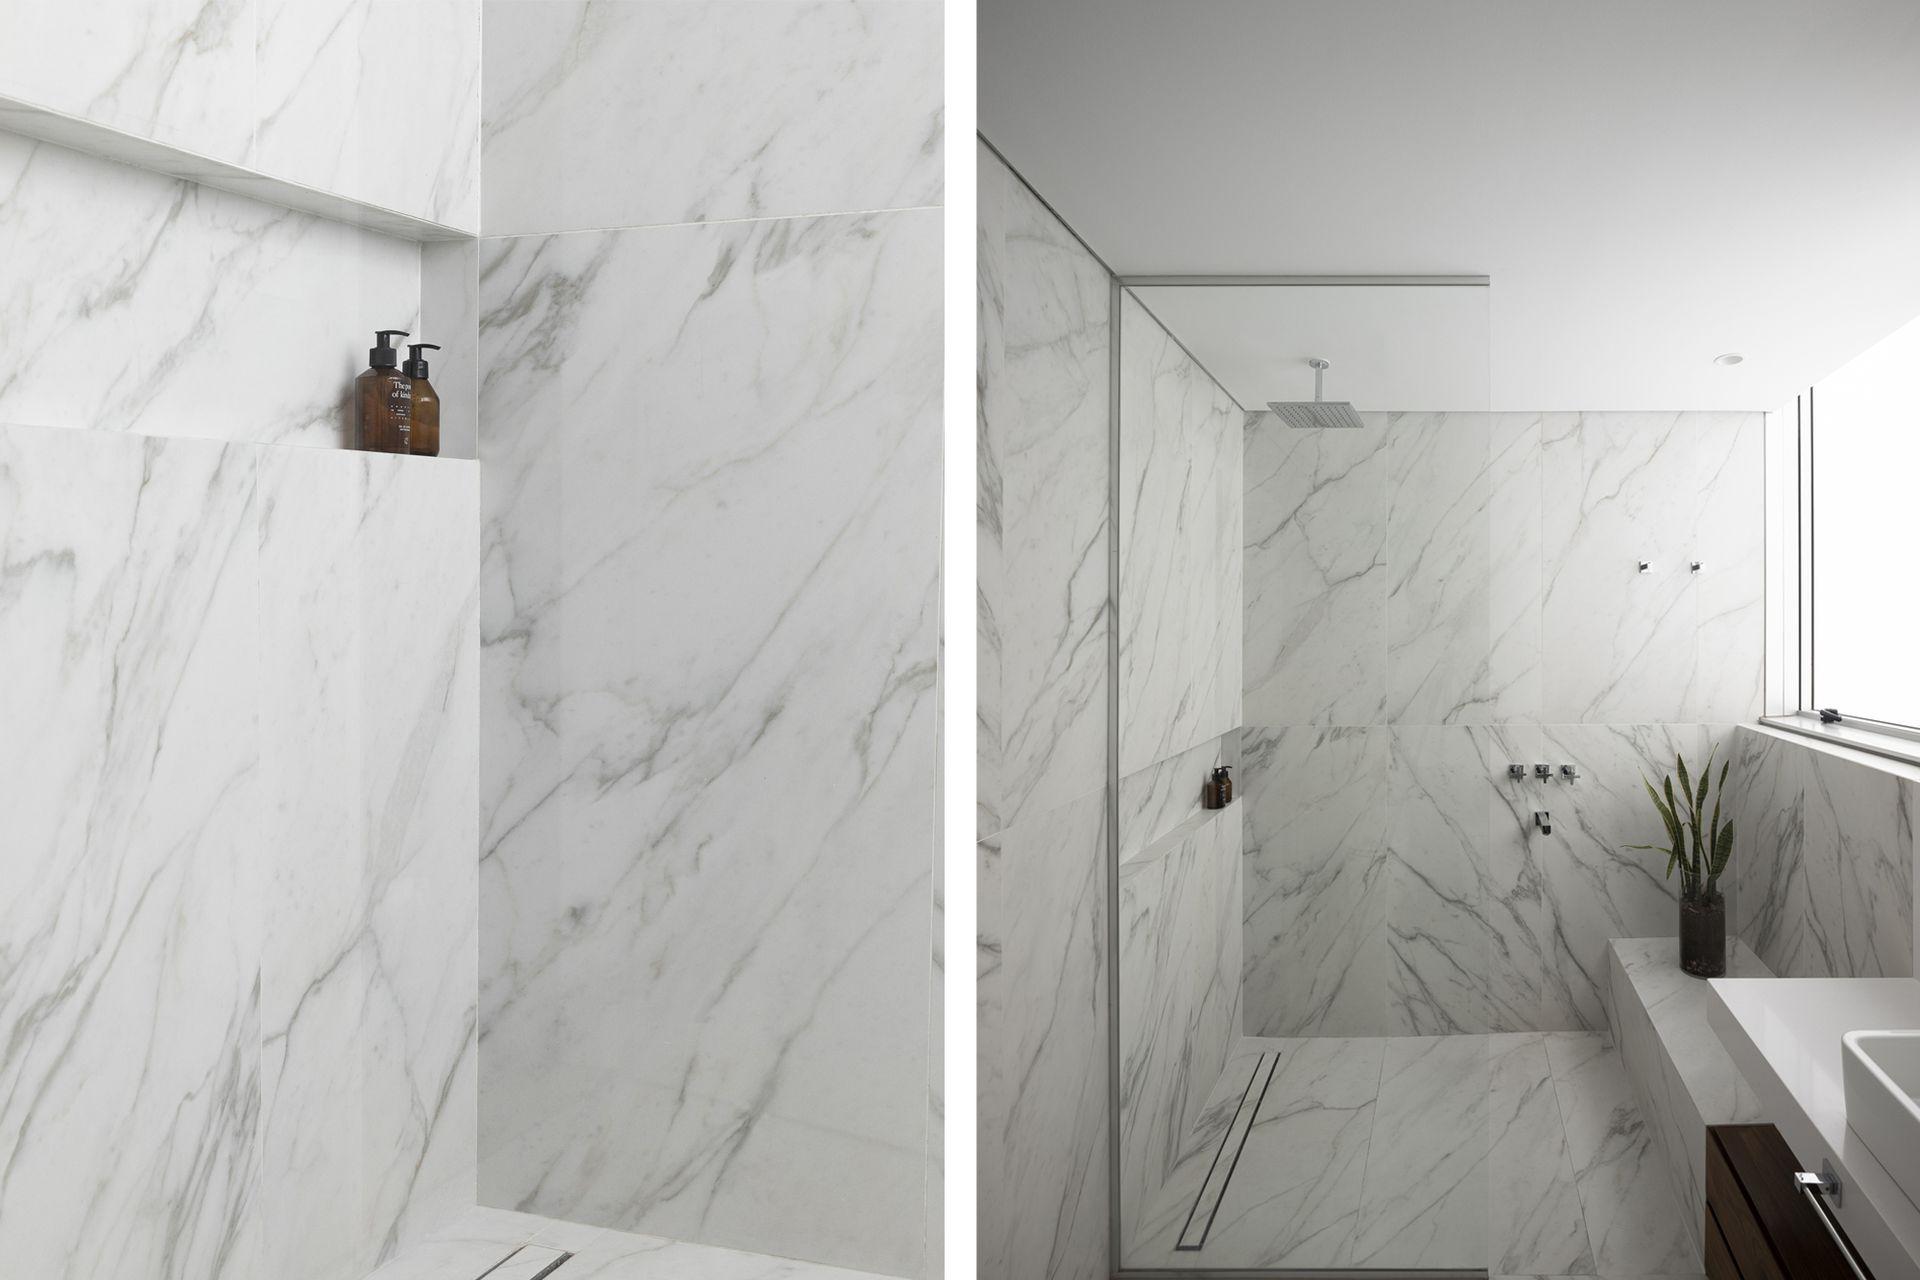 Por la forma que tenía el jacuzzi, la ducha quedó bien amplia, con forma cuadrada y un banco. Conservando la mesada, diseñaron a medida el espejo y el mueble, que apoya en el piso (todo, Estudios Ledesma/Lesel).